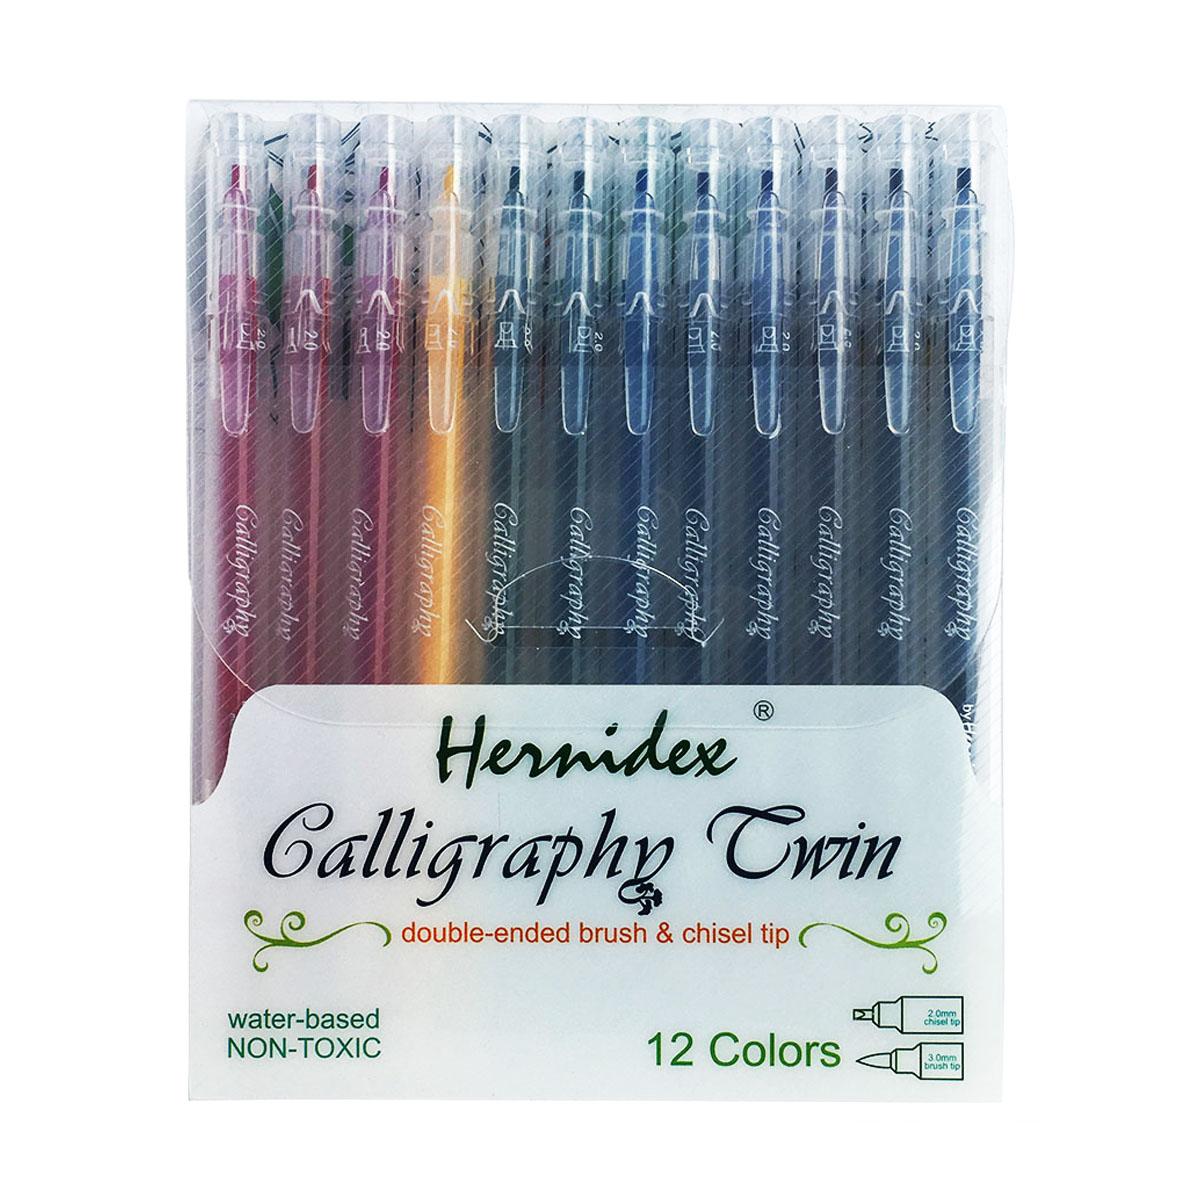 Bút thư pháp Hernidex Calligraphy Twin 2 đầu 0.2/3mm 12 màu/vỉ (HDCT12)